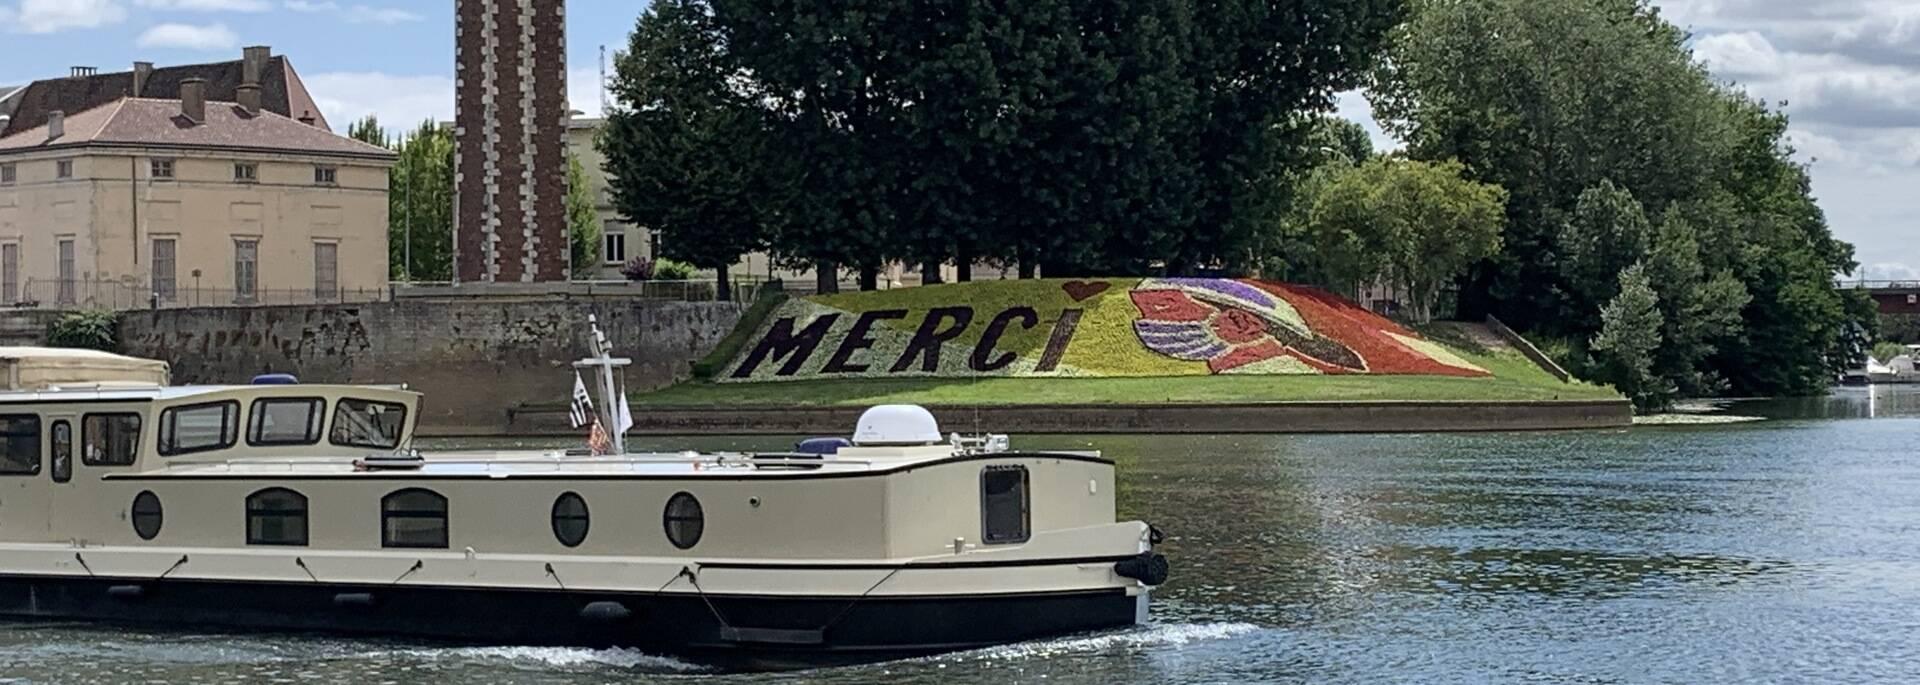 Quais de Saône et cœur de ville de Chalon sur Saône, tour du Doyenné